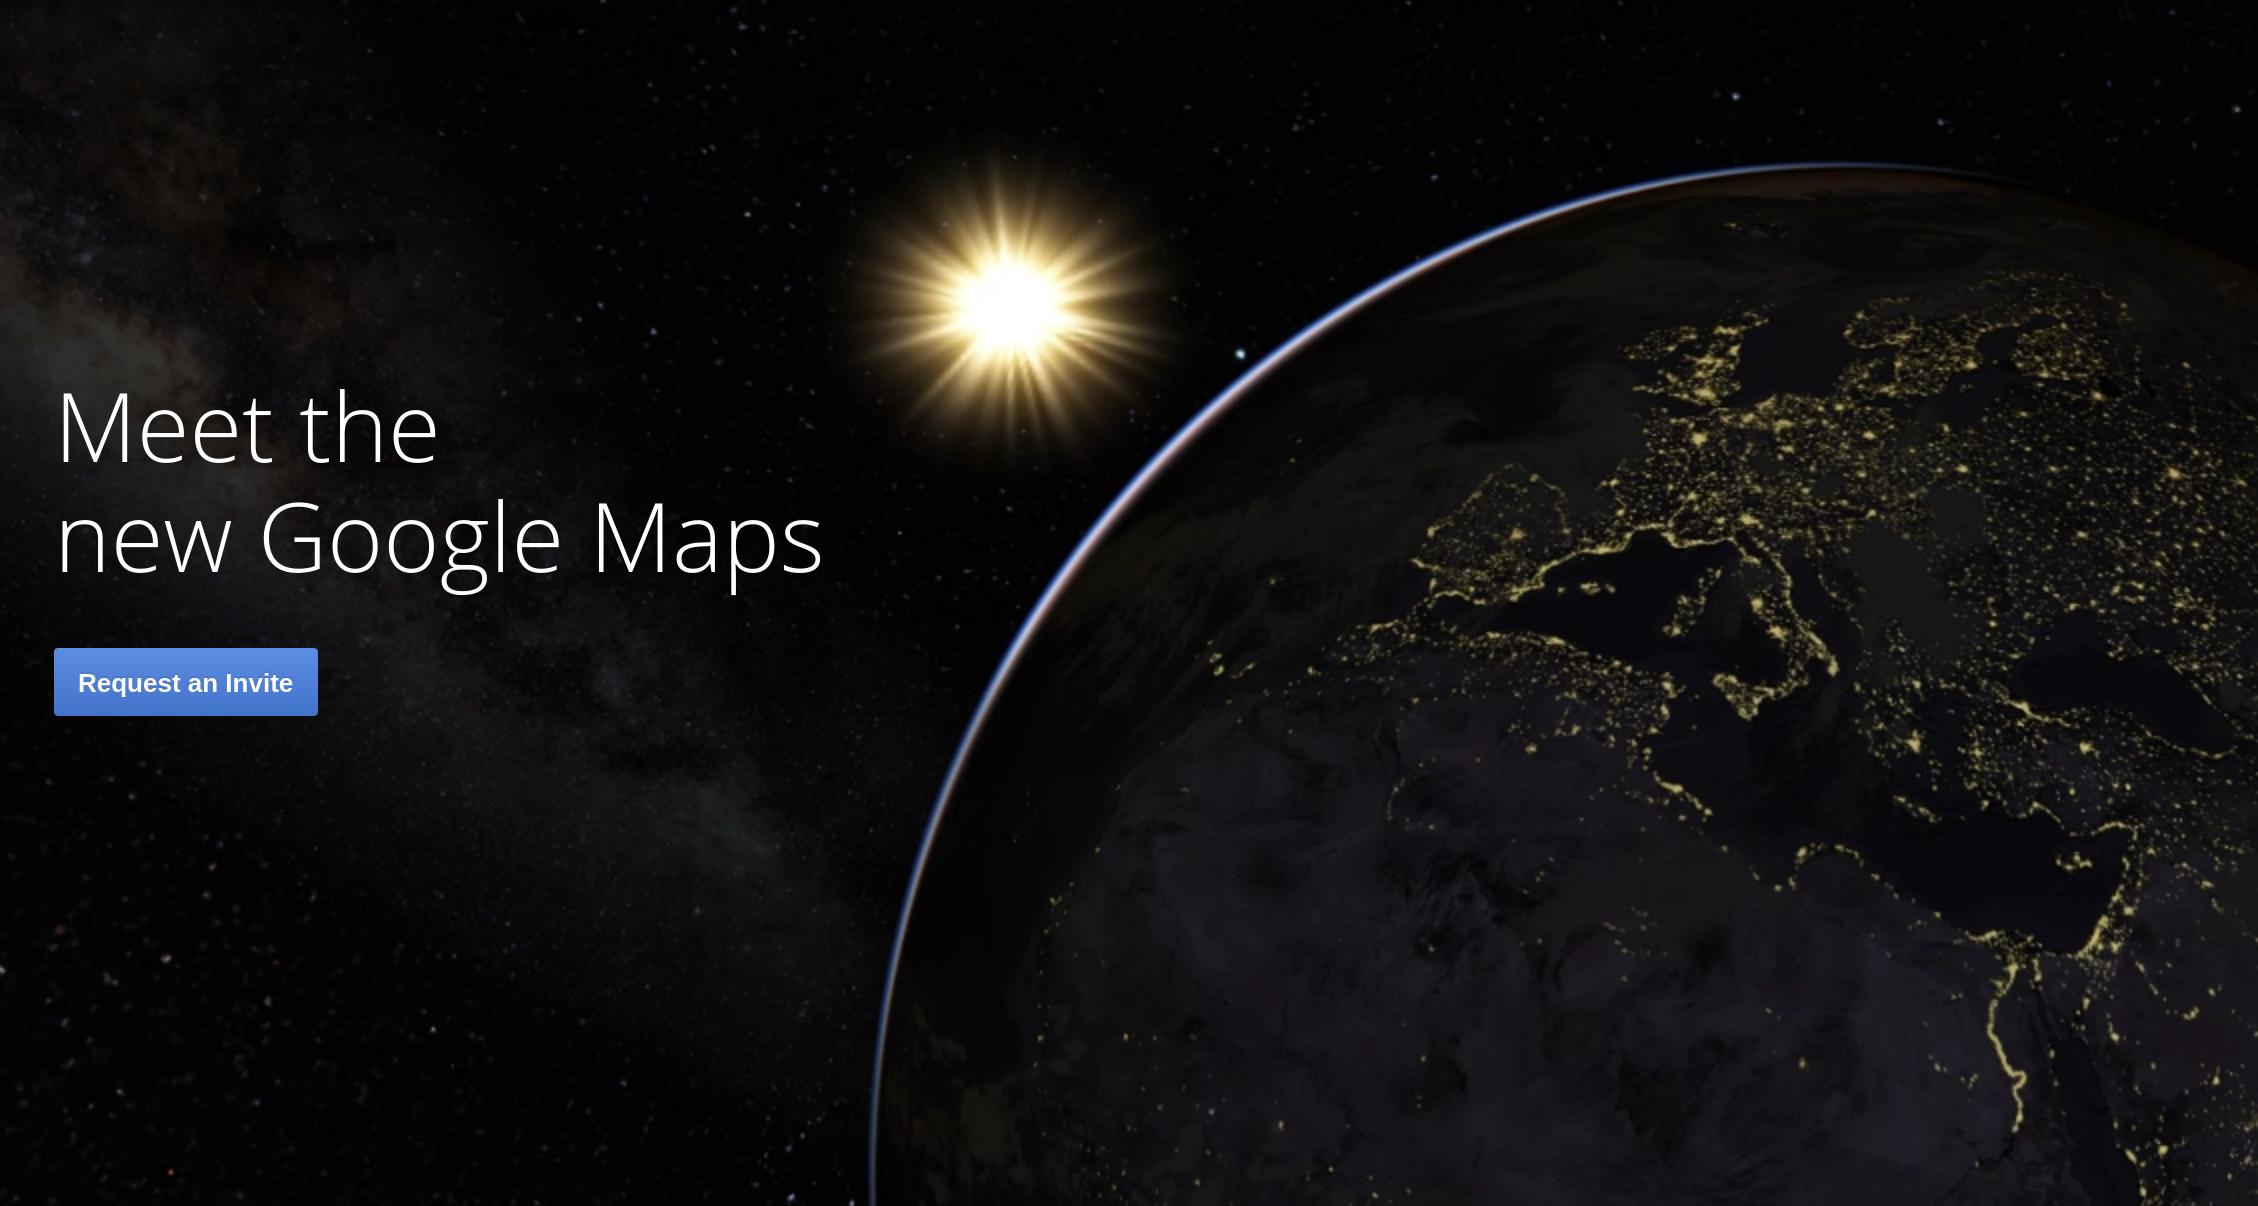 Google-ը ներկայացրել է «Google Maps» ծառայության նոր տարբերակը